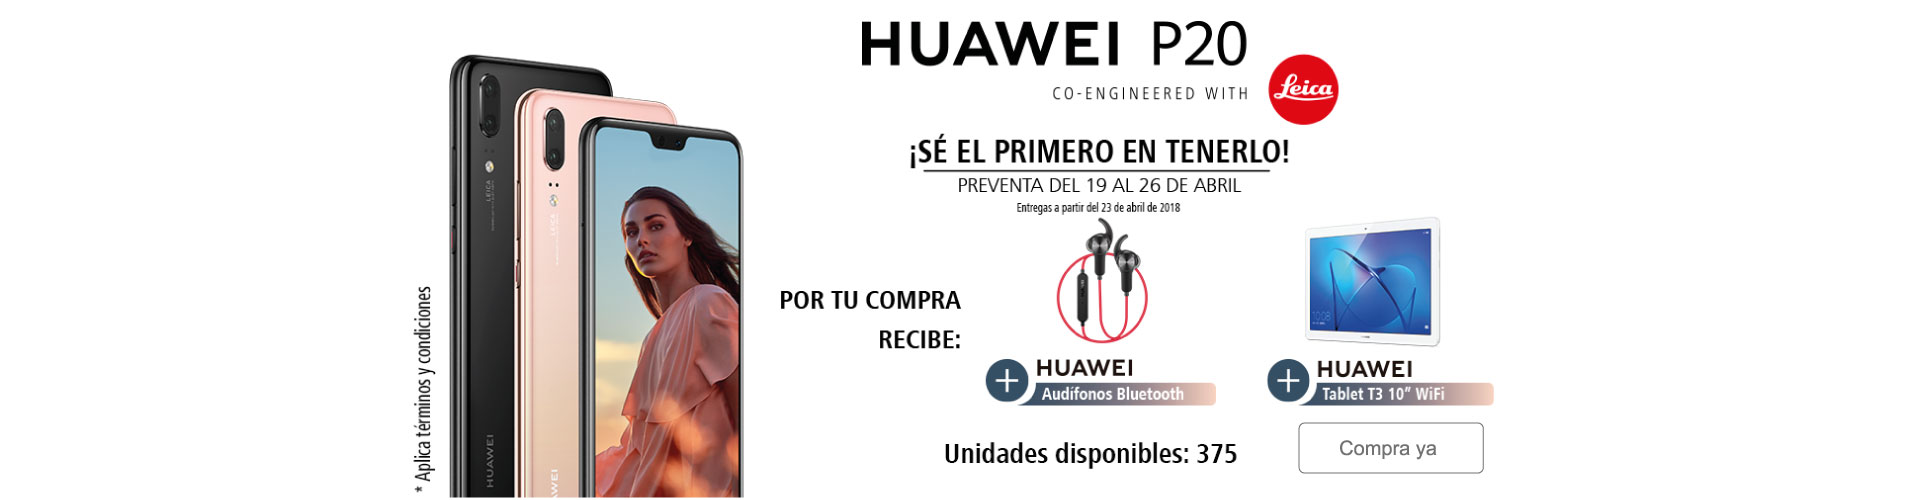 KT-PPAL-10-celulares-PRV---Huawei-P20-Abr19